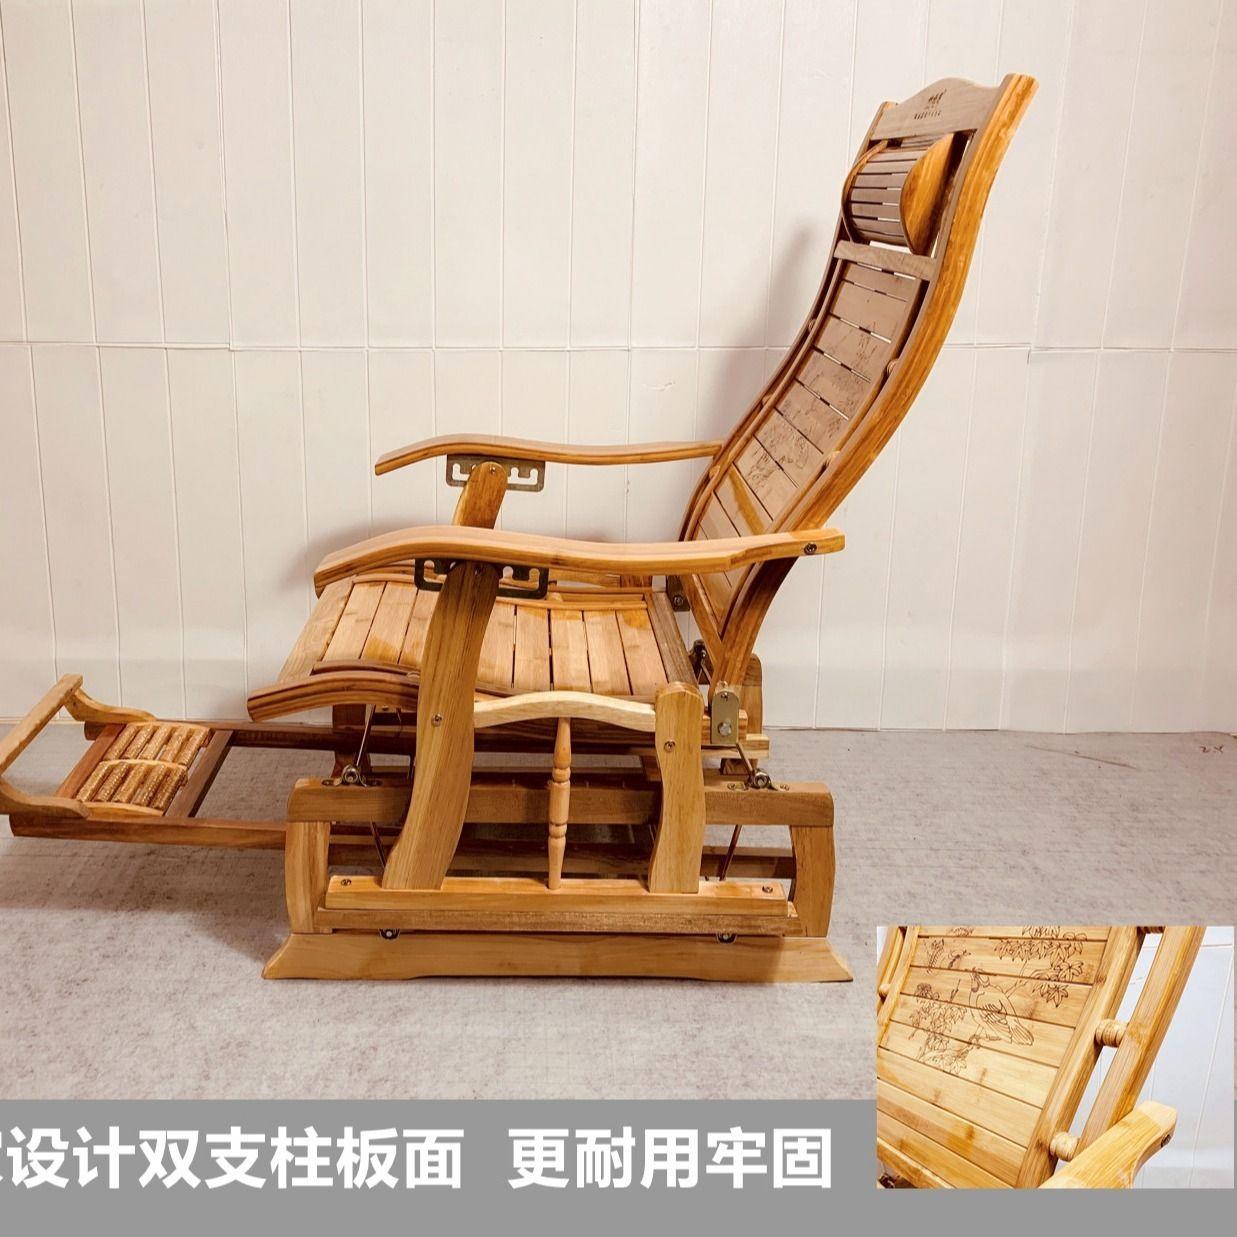 用钢管焊的摇椅躺椅